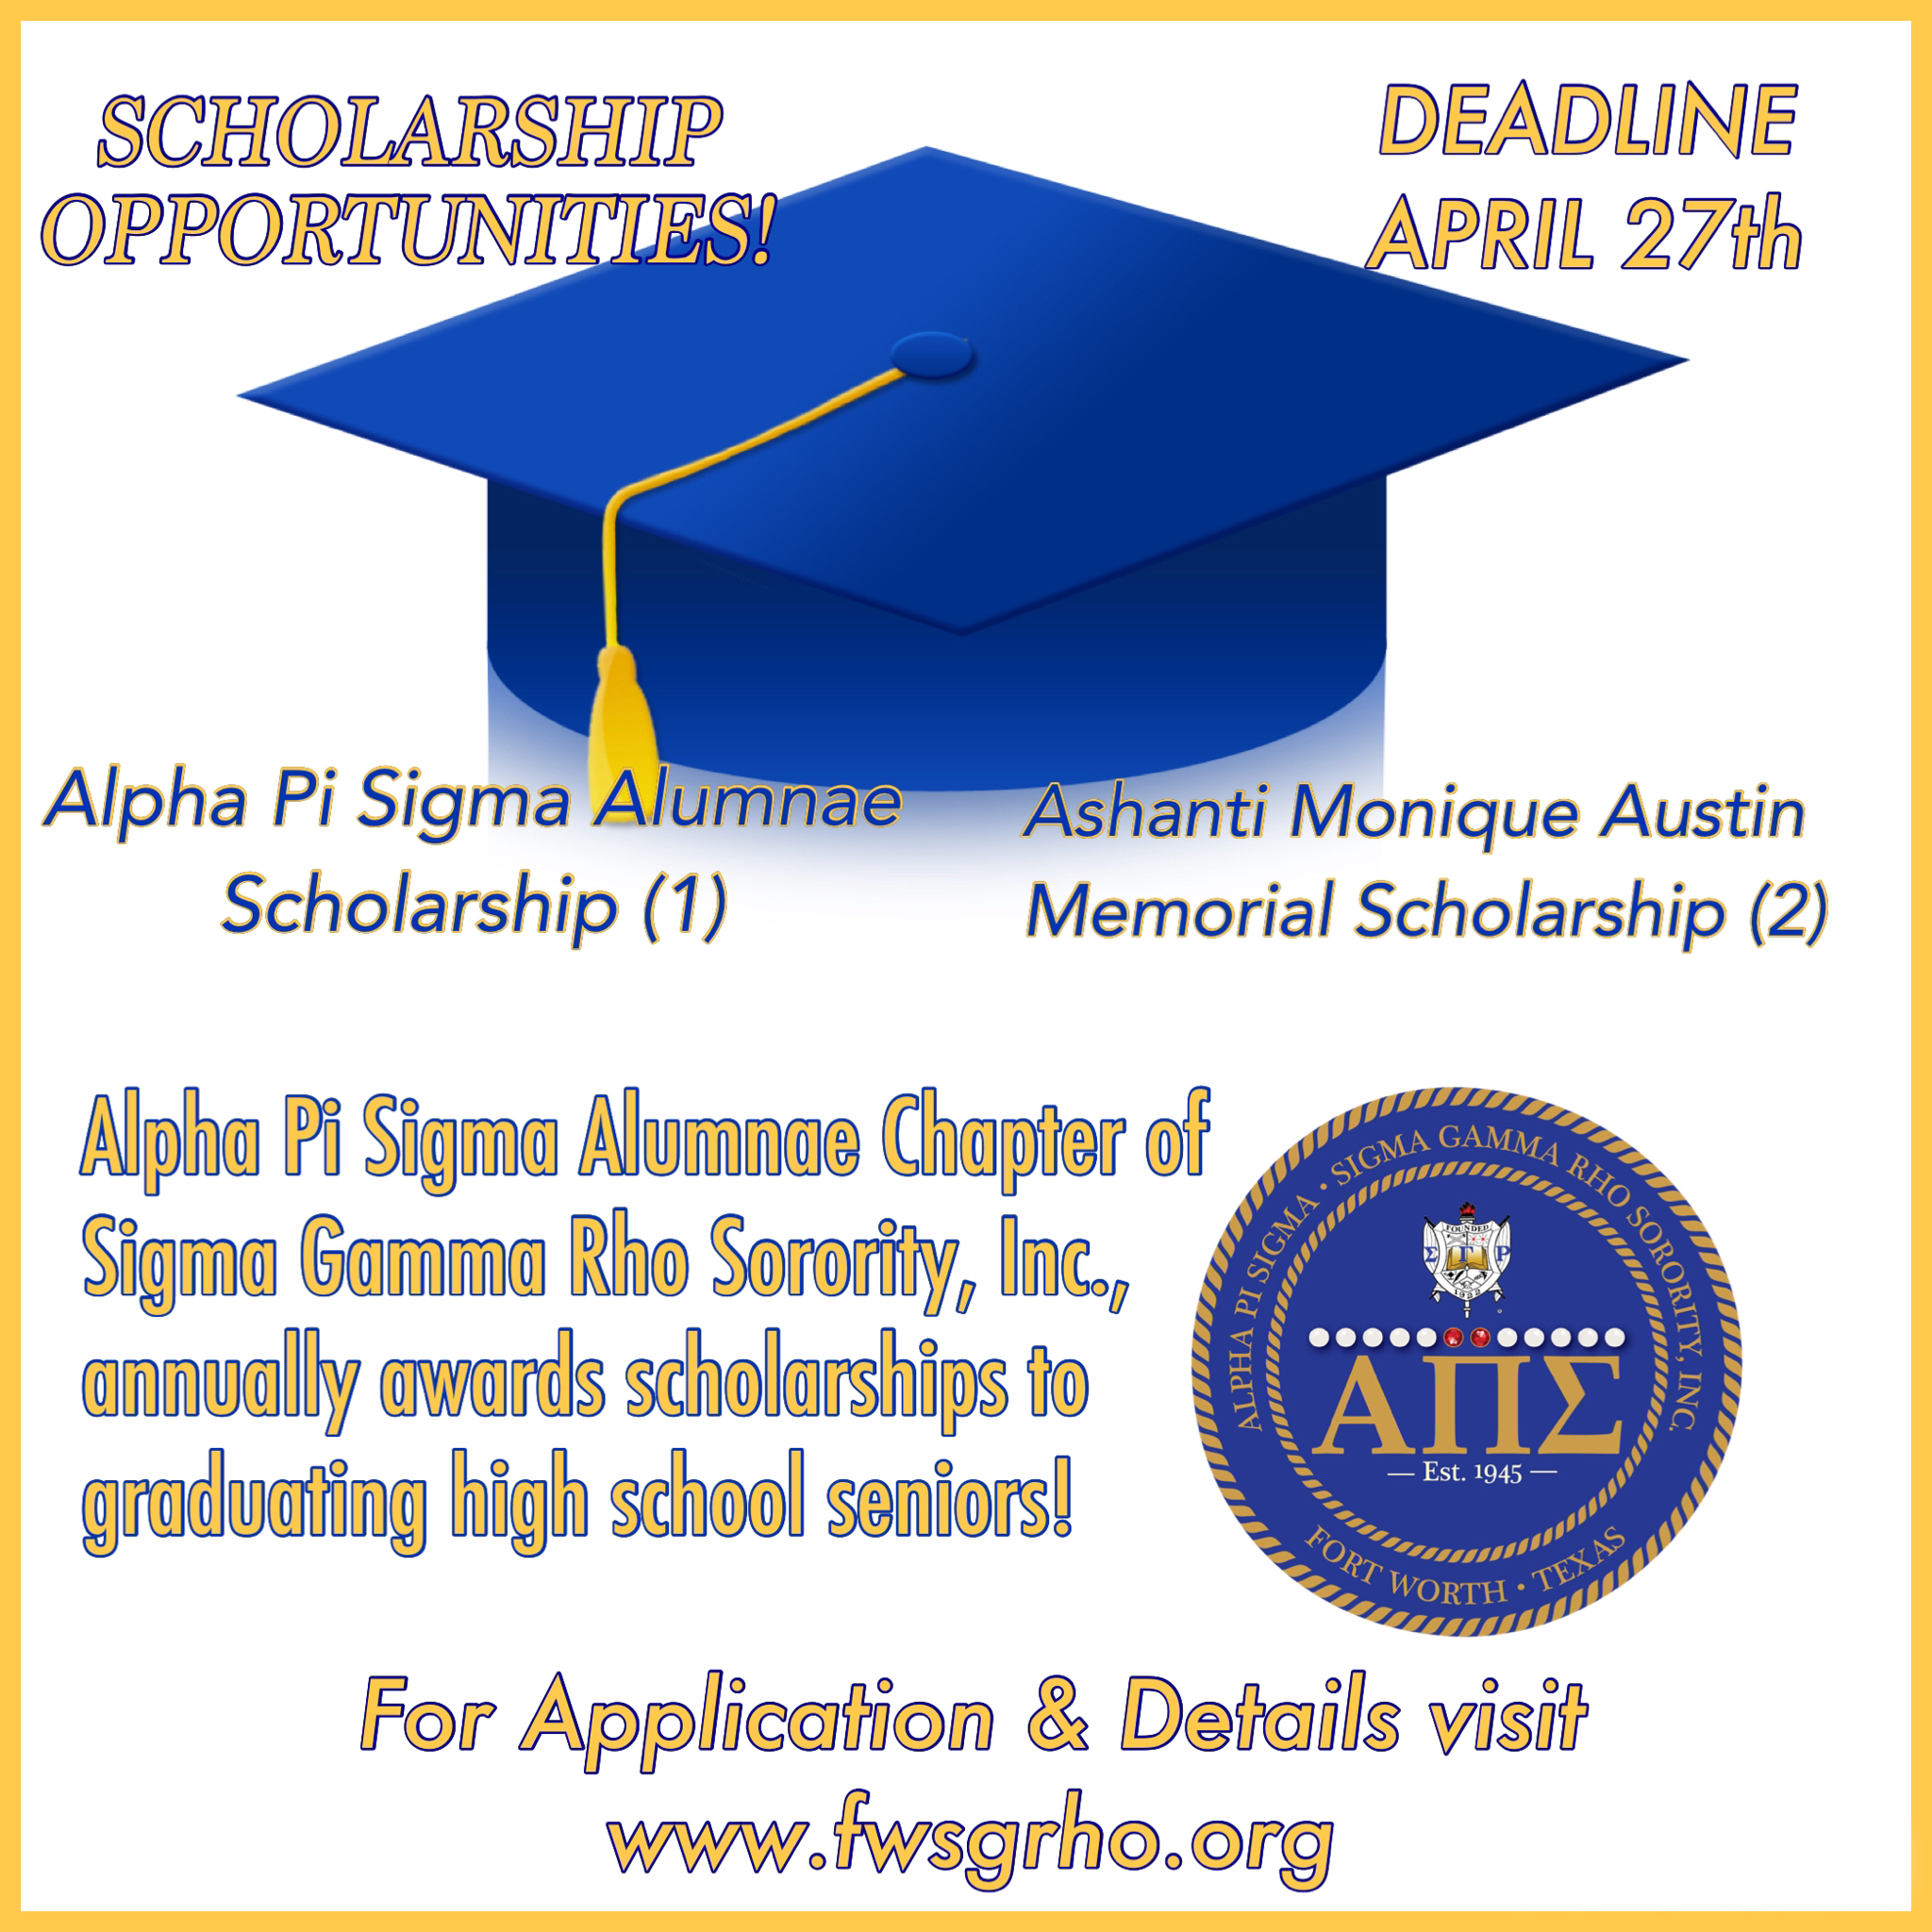 SGRho 2017 Scholarship Deadline